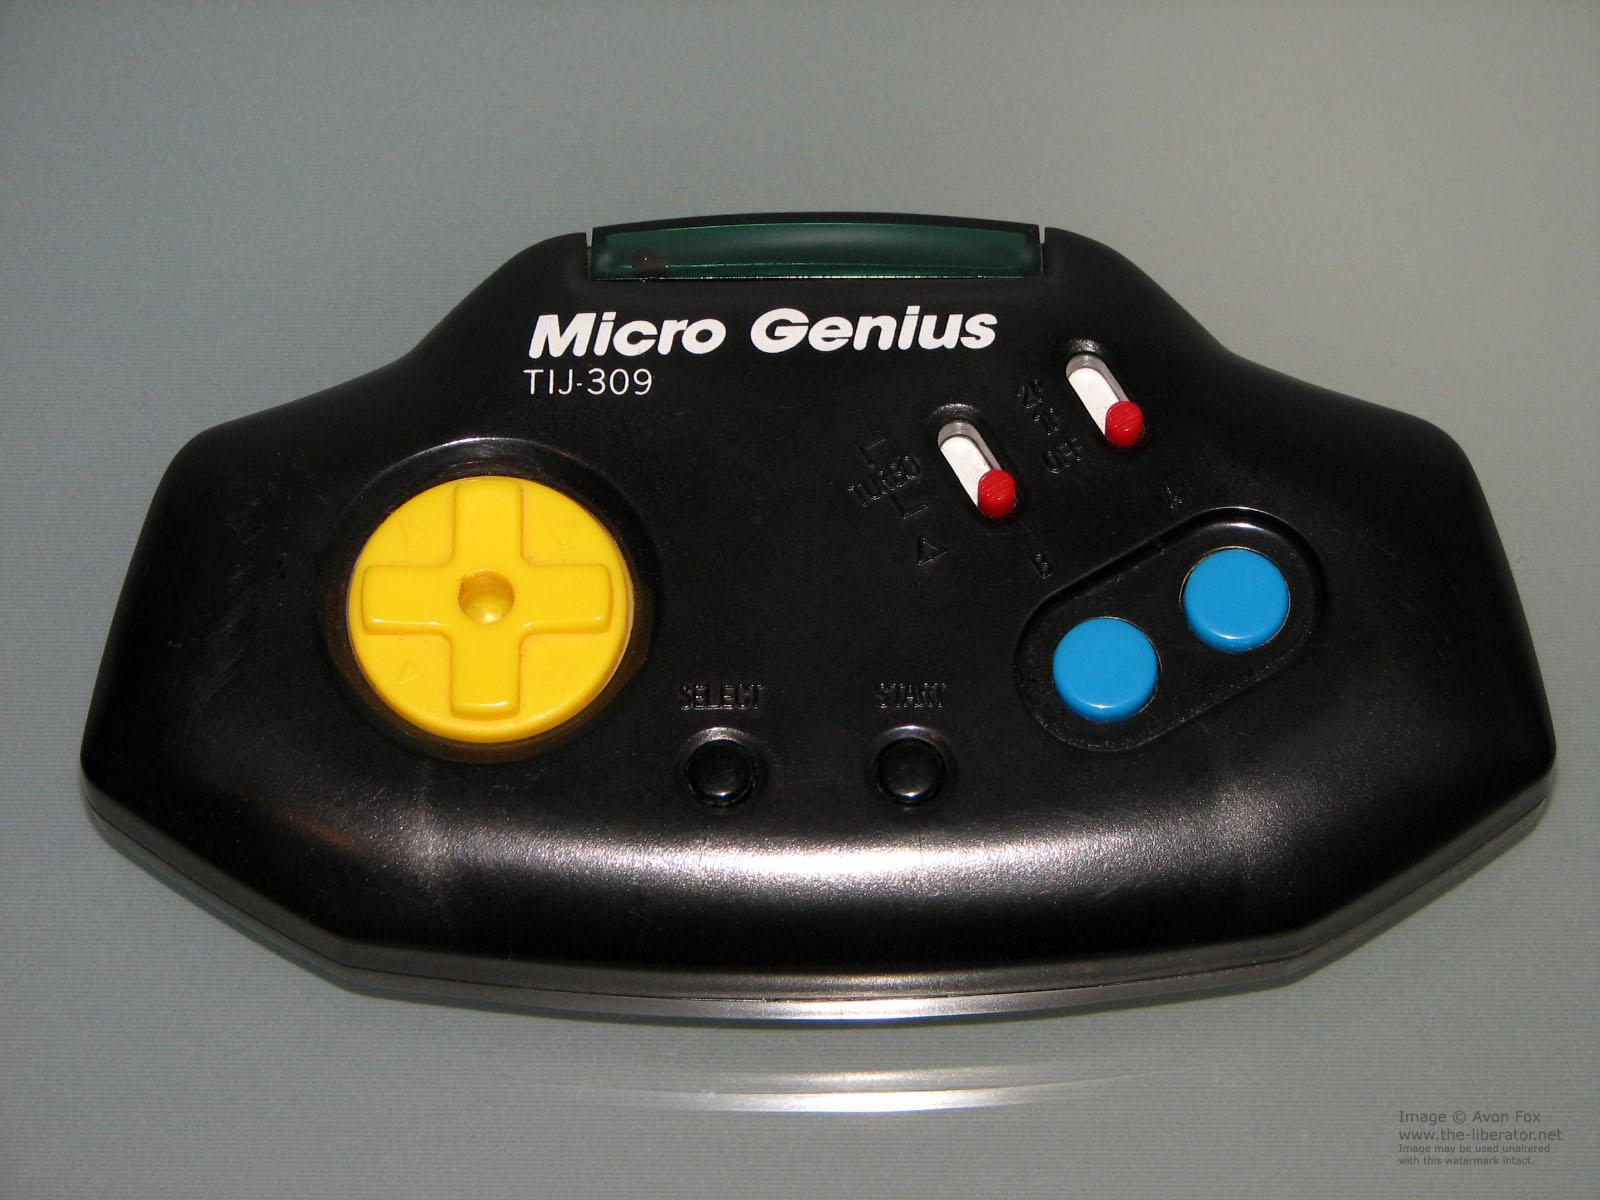 Micro Genius TIJ-309